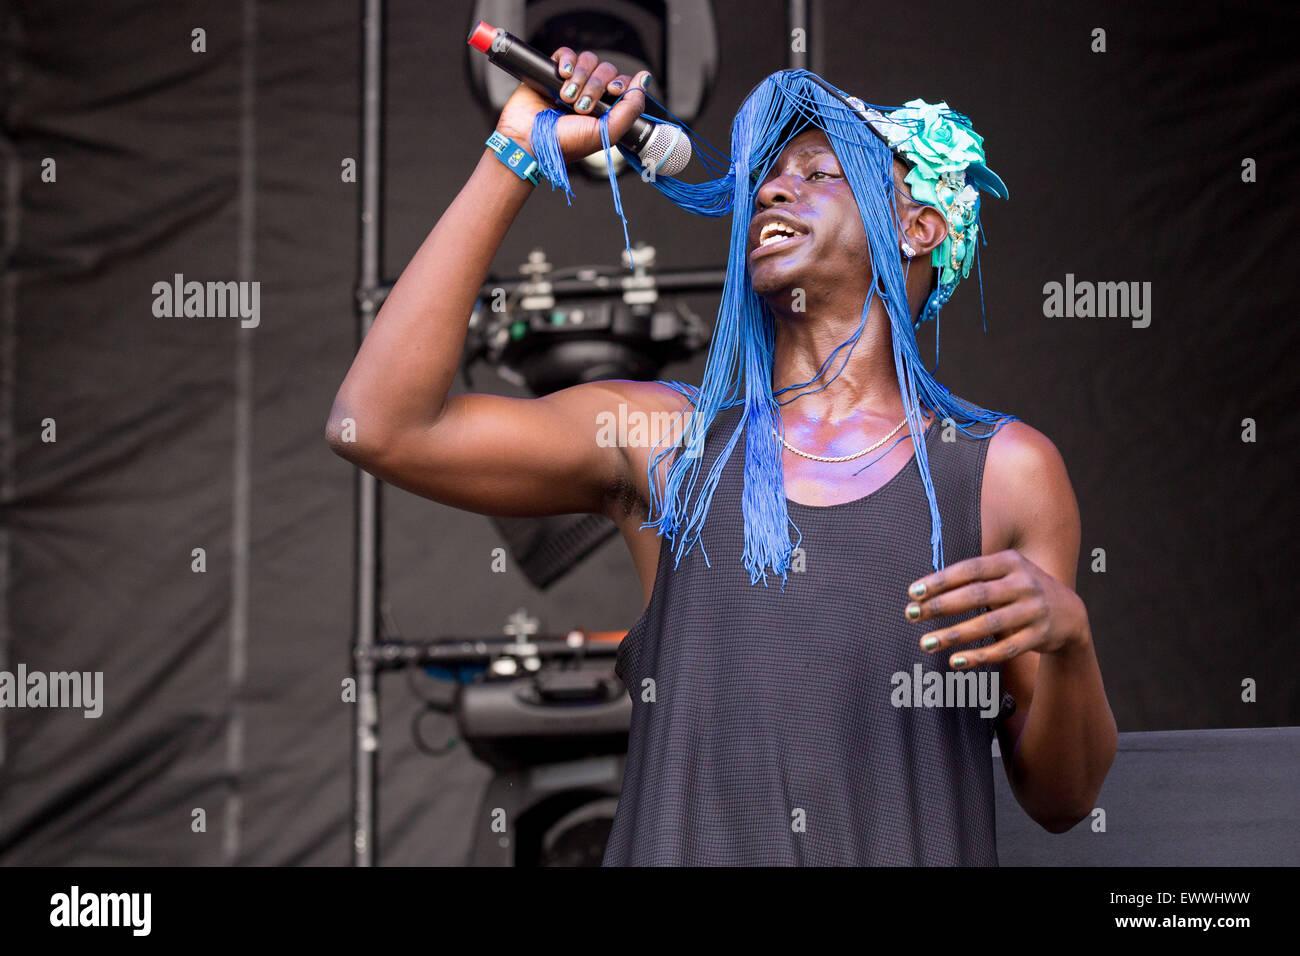 Dover, Deleware, EE.UU.. 19 de junio de 2015. El rapero LE1F actúa en directo en el escenario del Festival de Música de Firefly en Dover, Delaware © Daniel DeSlover/Zuma alambre/Alamy Live News Foto de stock